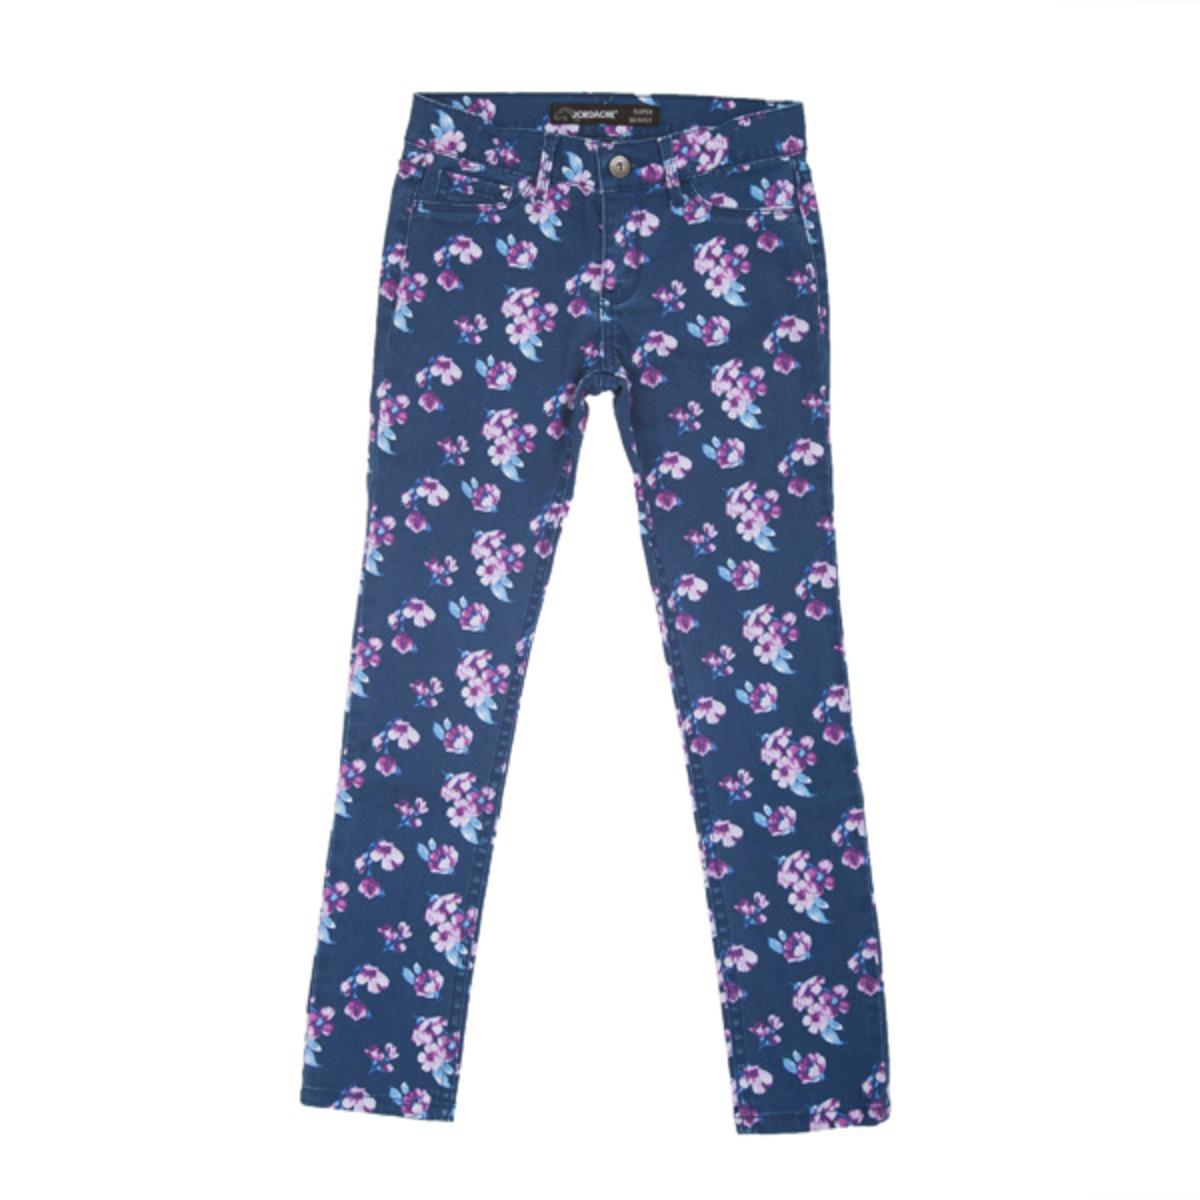 Jordache Jeans Contest